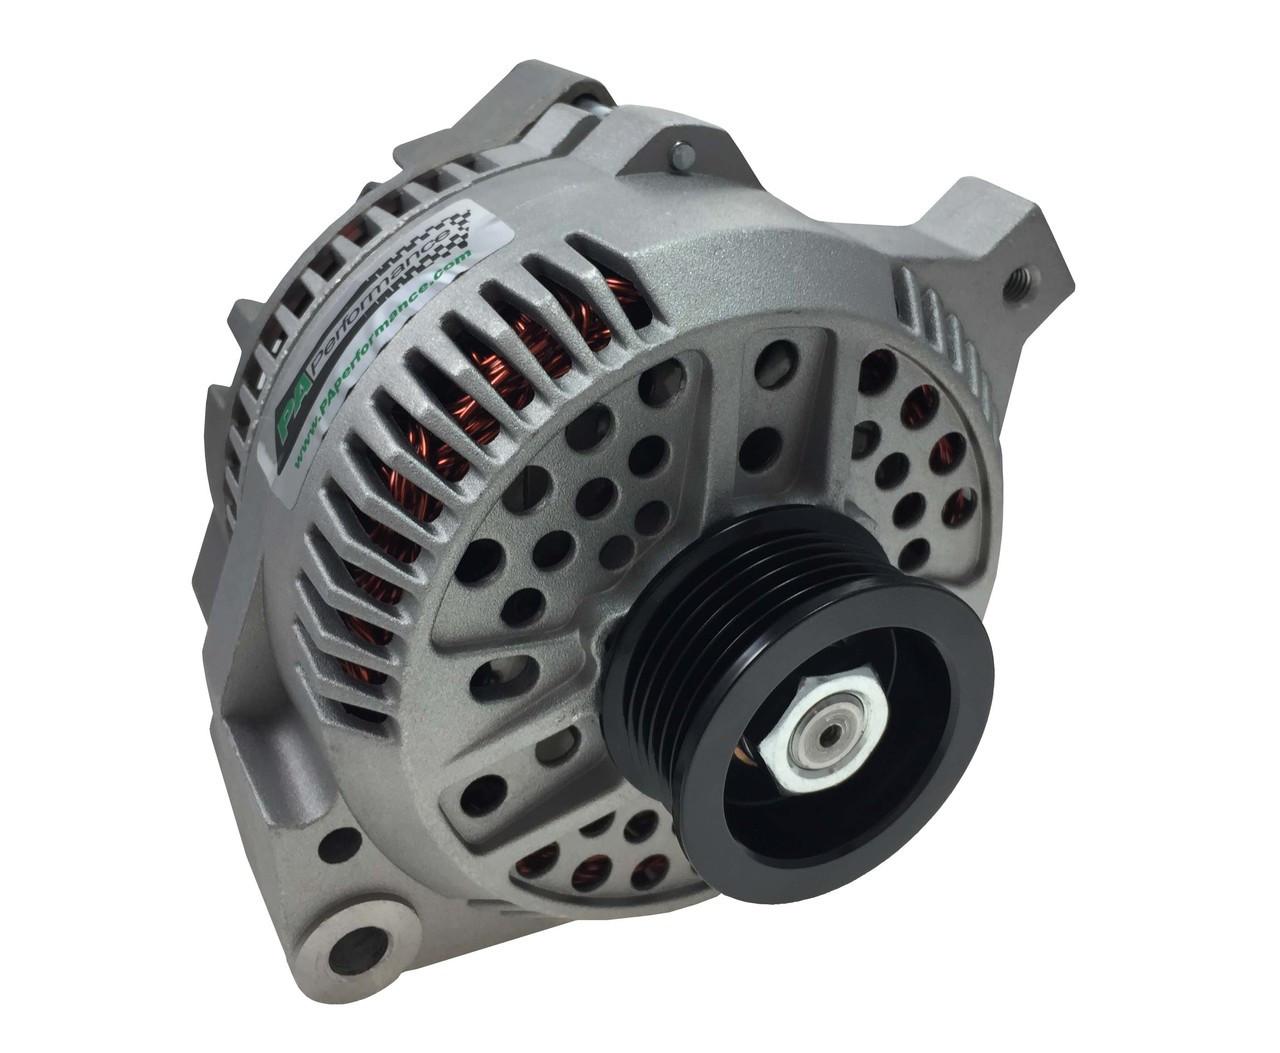 200A 3G Alternator (1619HO) - PA Performance.com